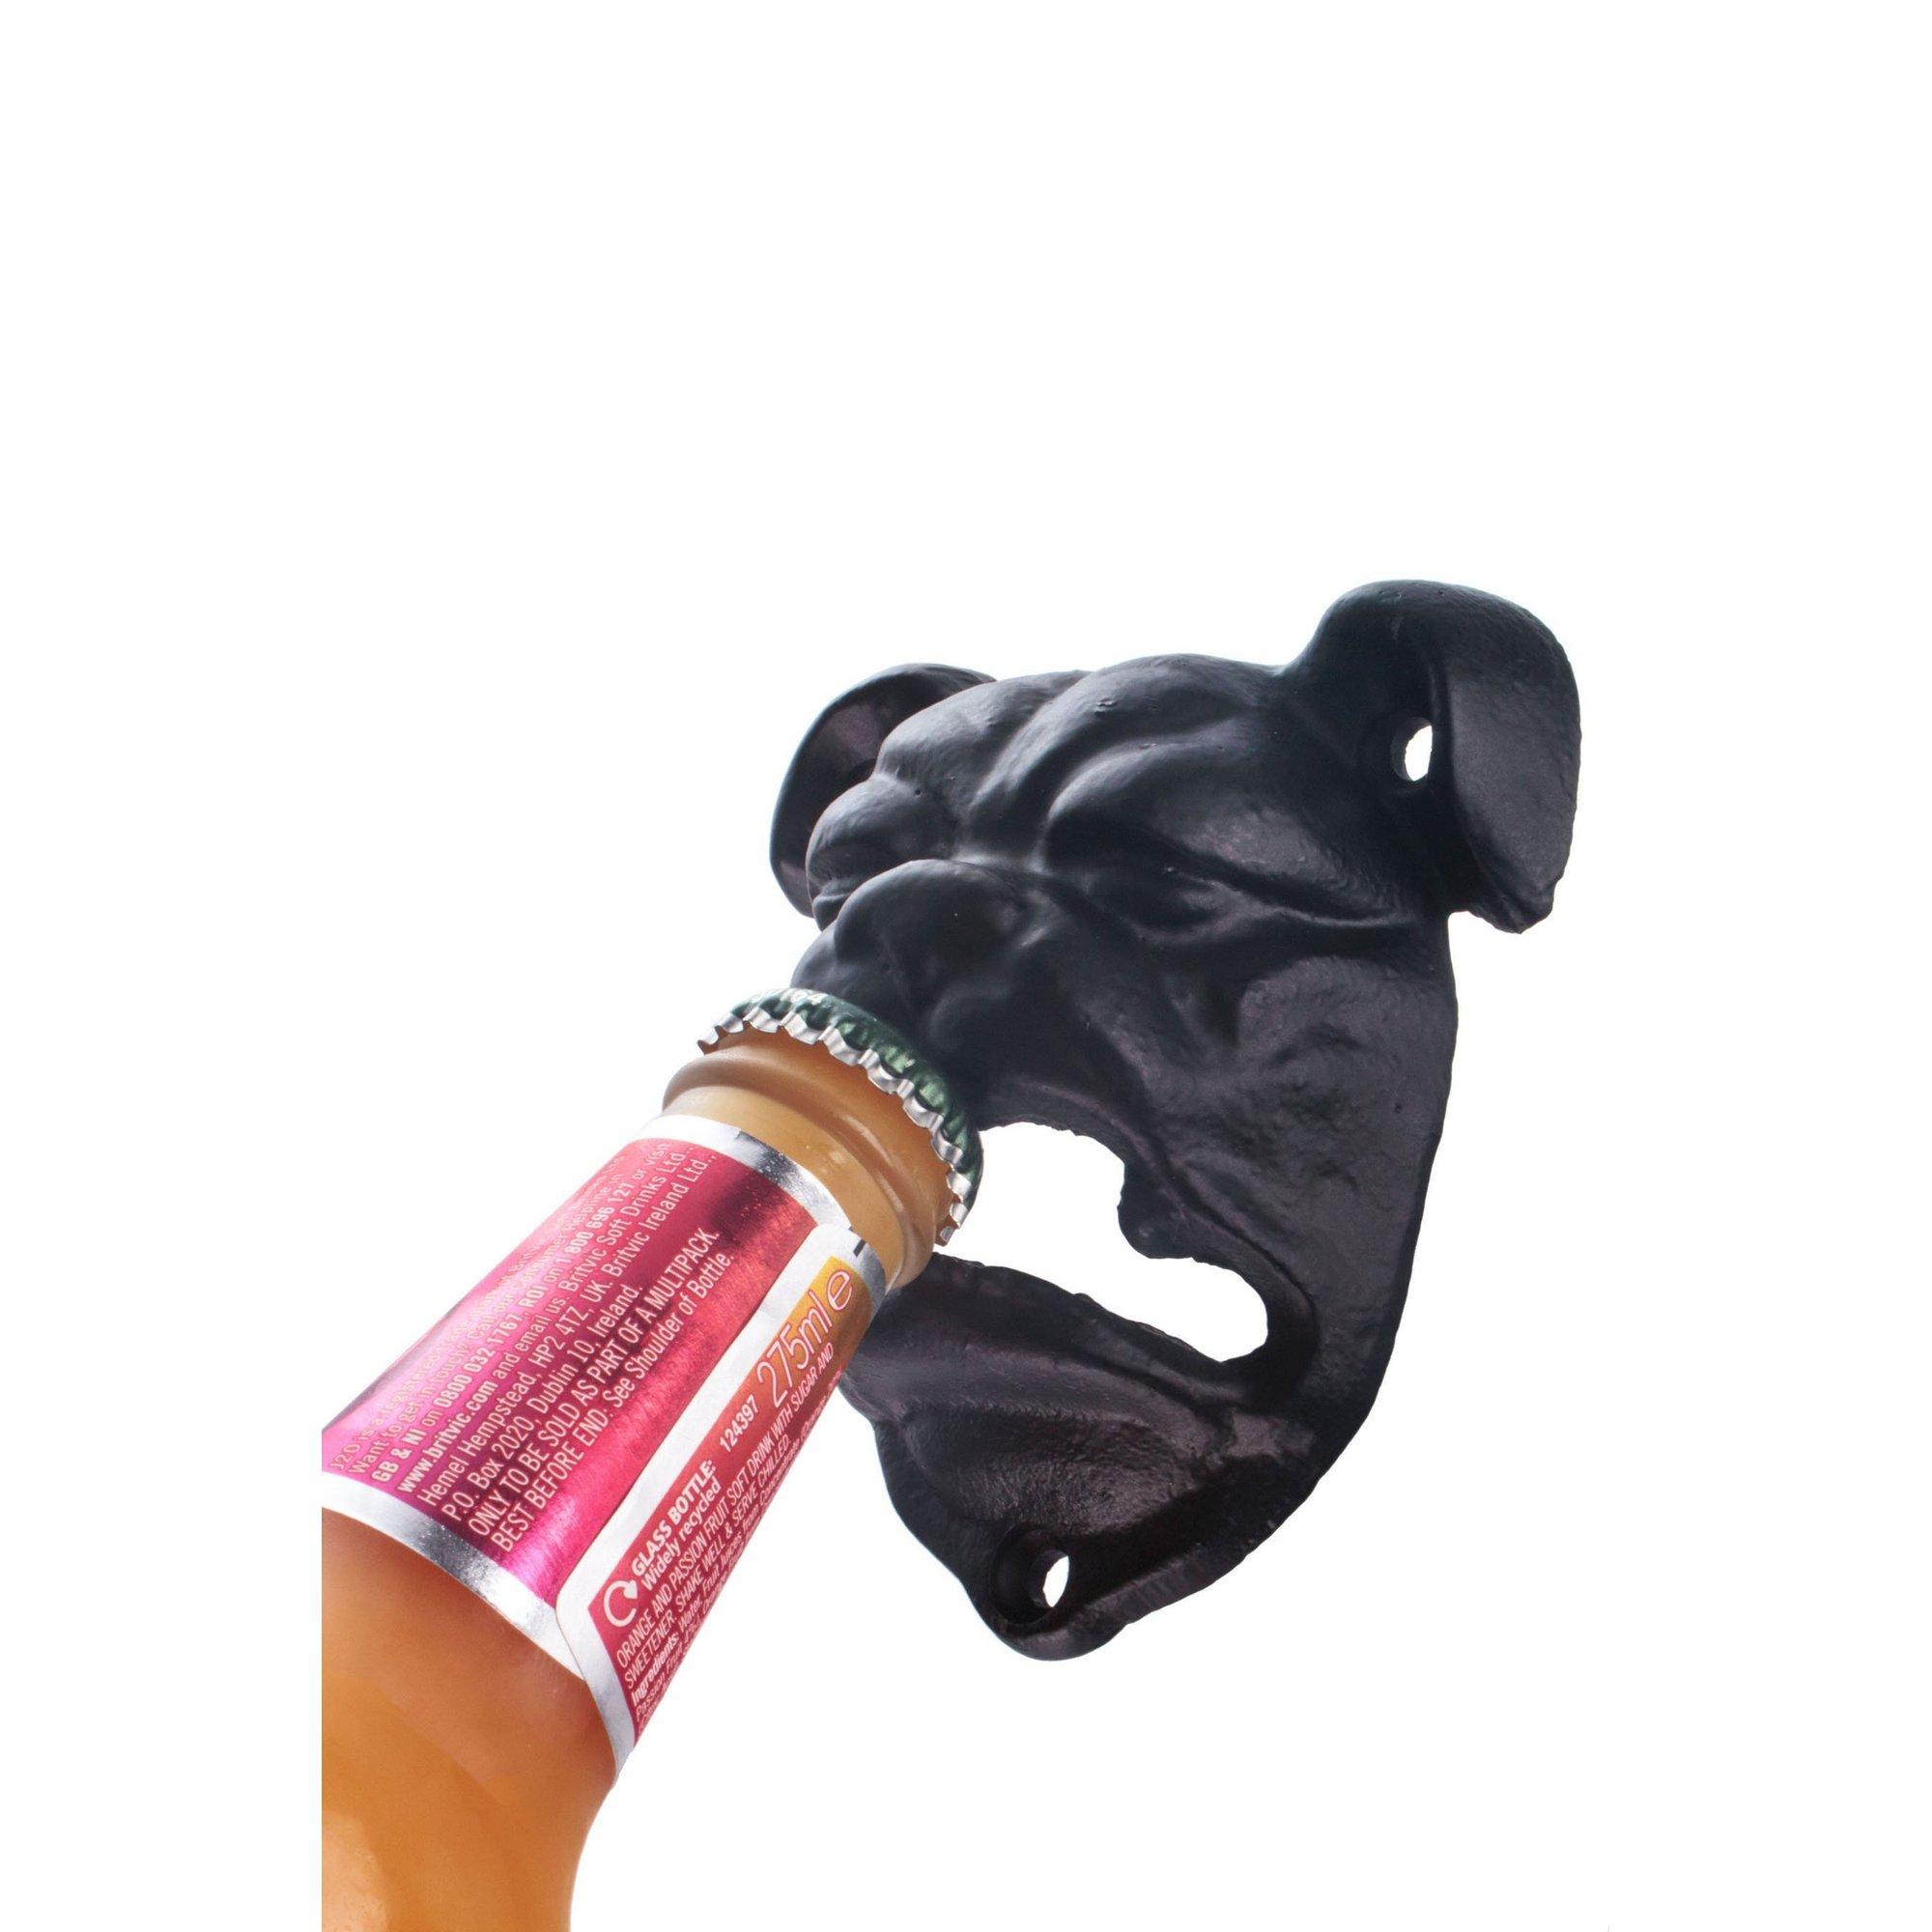 Image of Mixology Bulldog Bottle Opener